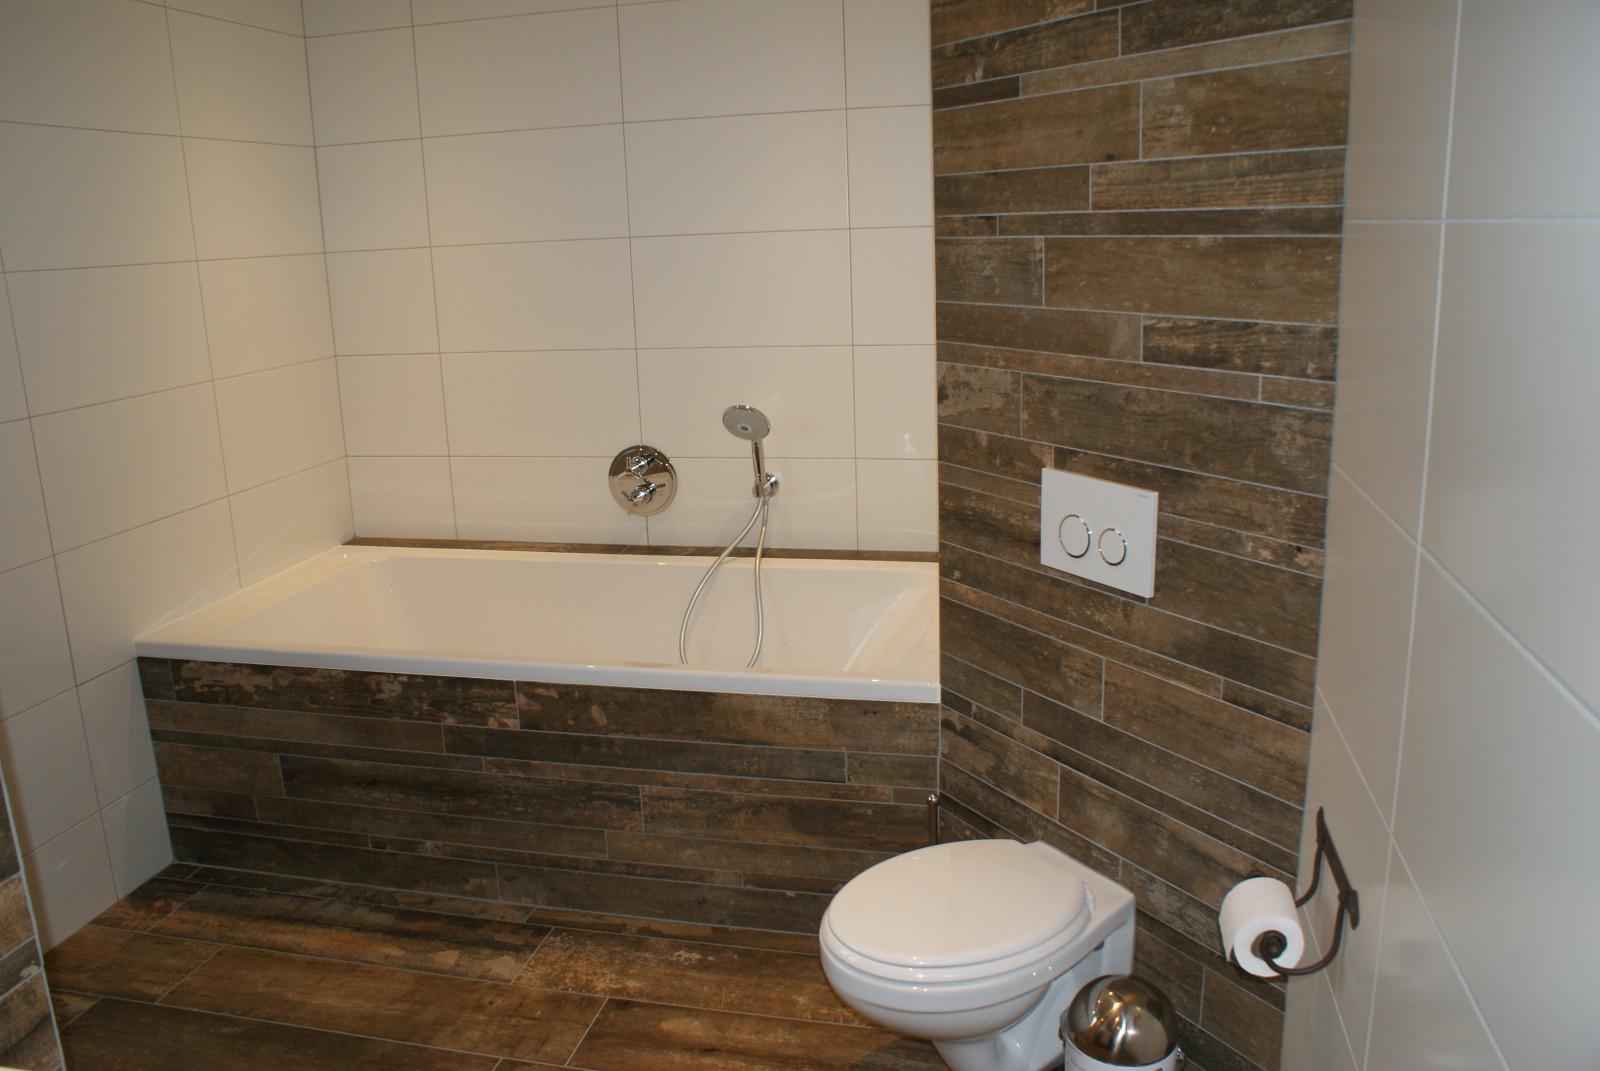 Complete Nieuwe Badkamer : Badkamer renoveren een nieuwe badkamer door johan lenssen